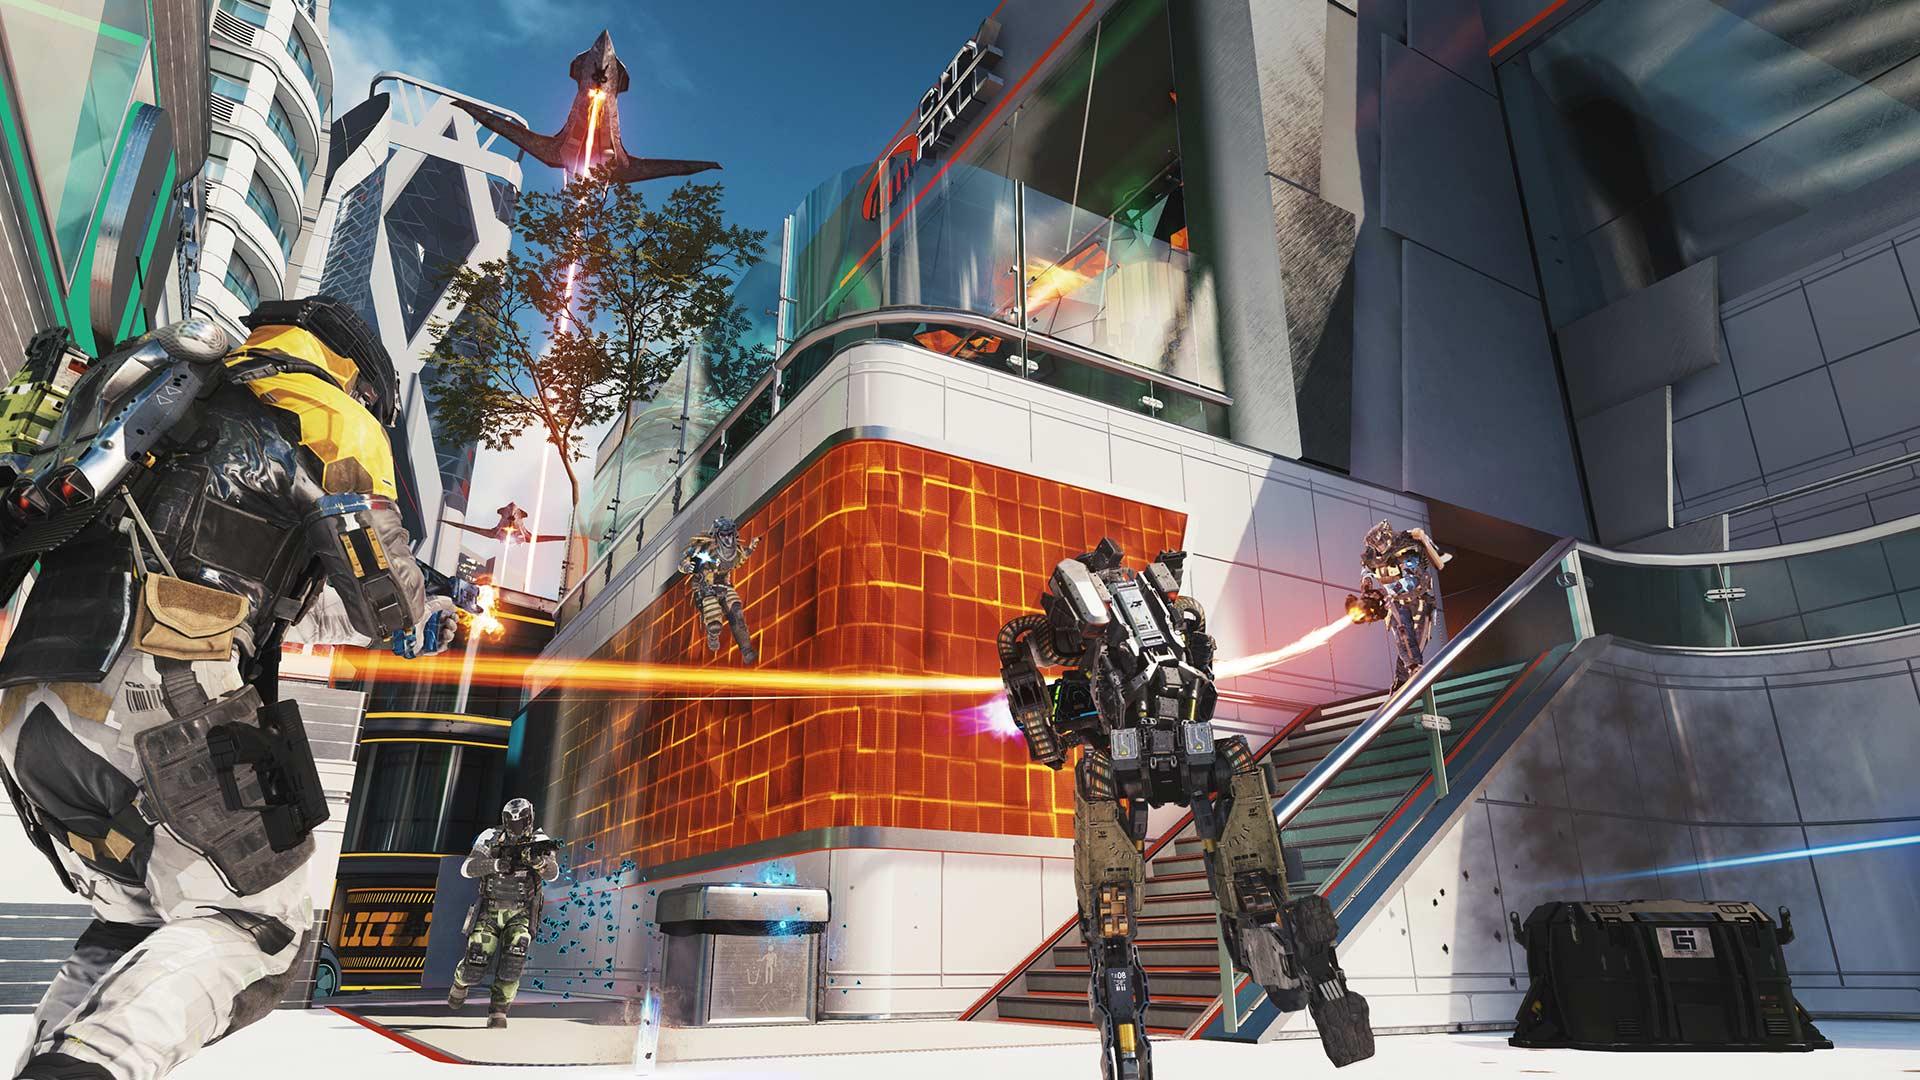 Neon – Un centro de entrenamiento virtual diseñado para la guerra urbana